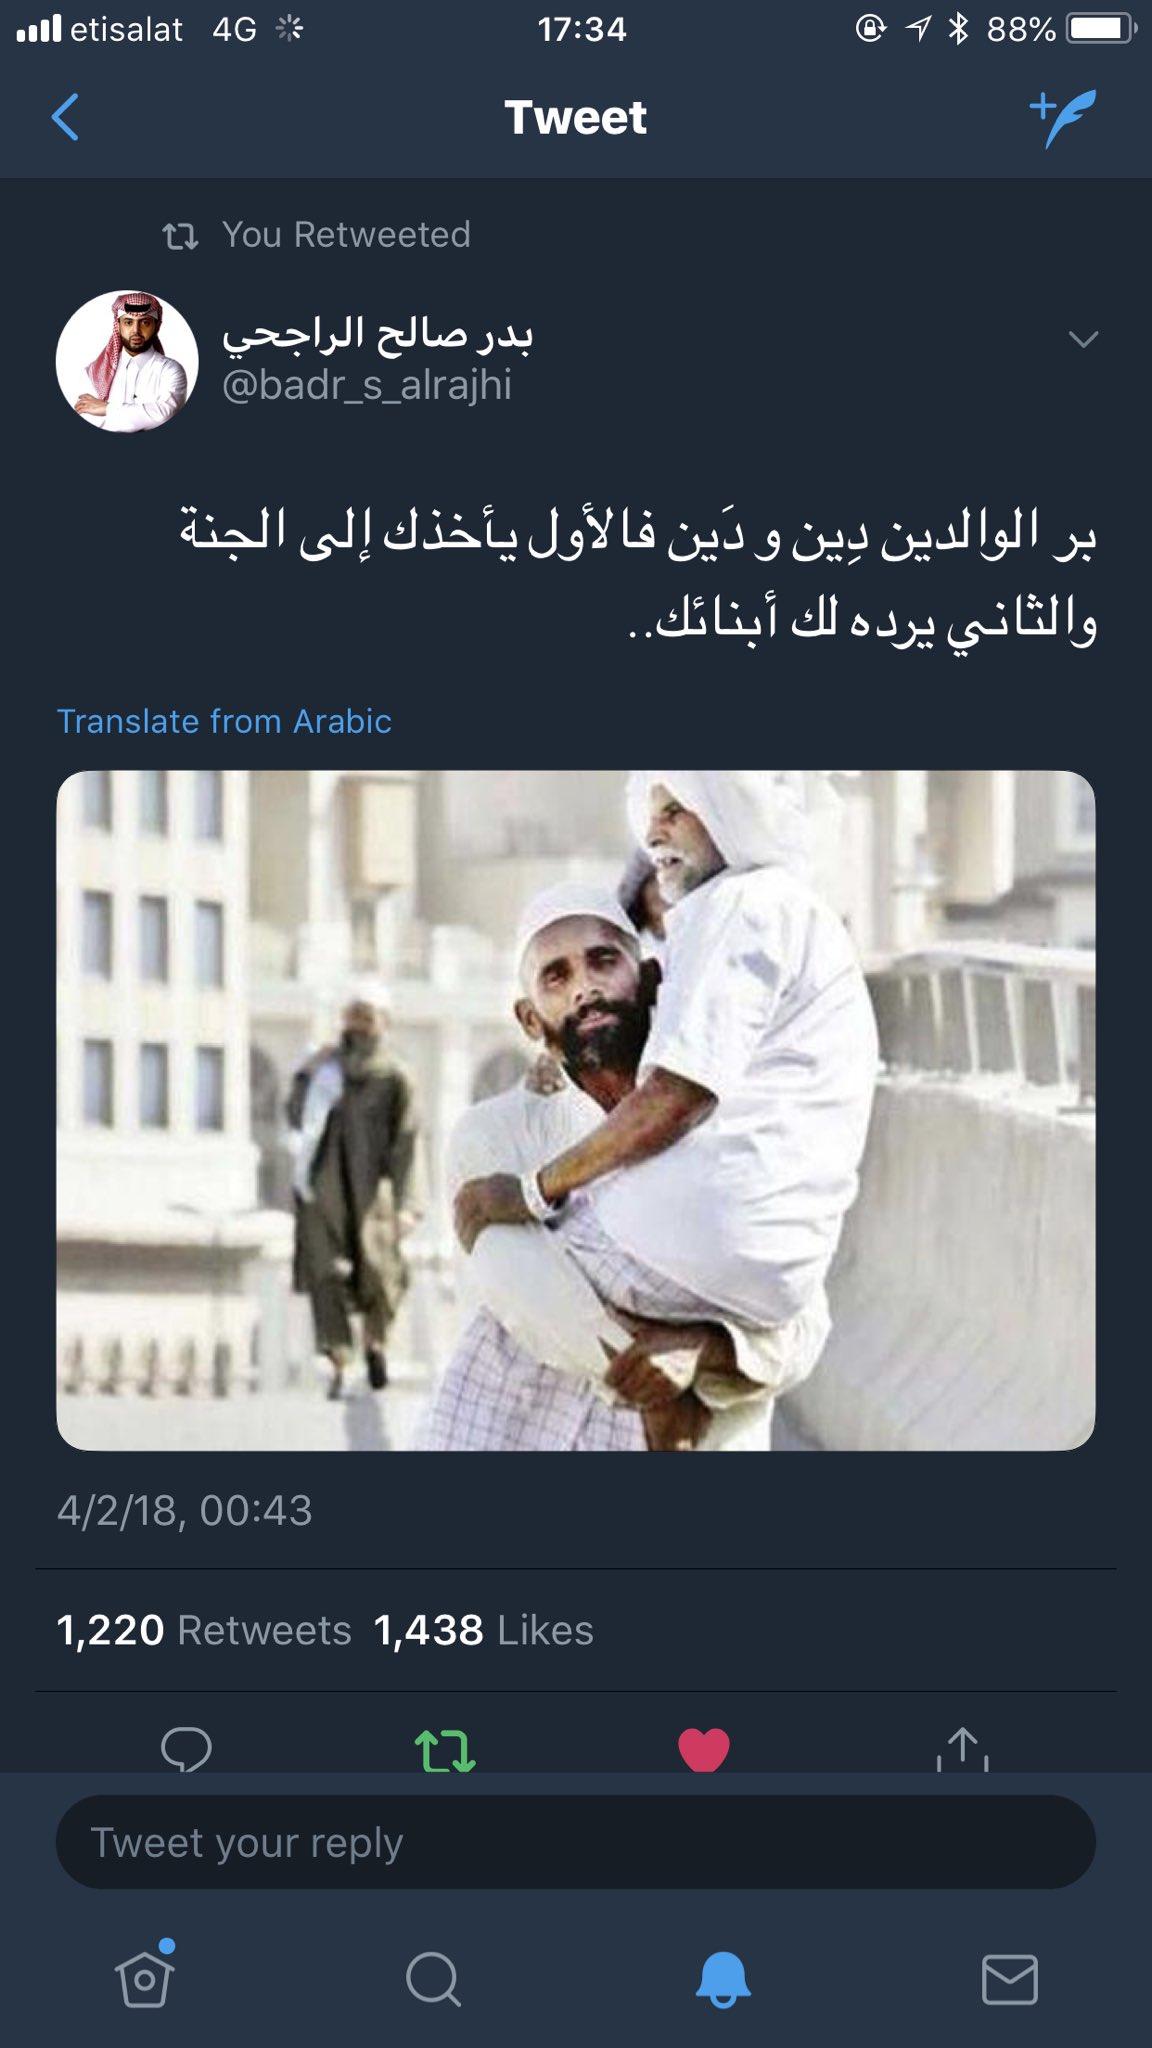 #ابي #الاباء_نعمه #محمد_الحوسني @badr_s_alrajhi https://t.co/bdbcYF7xcX